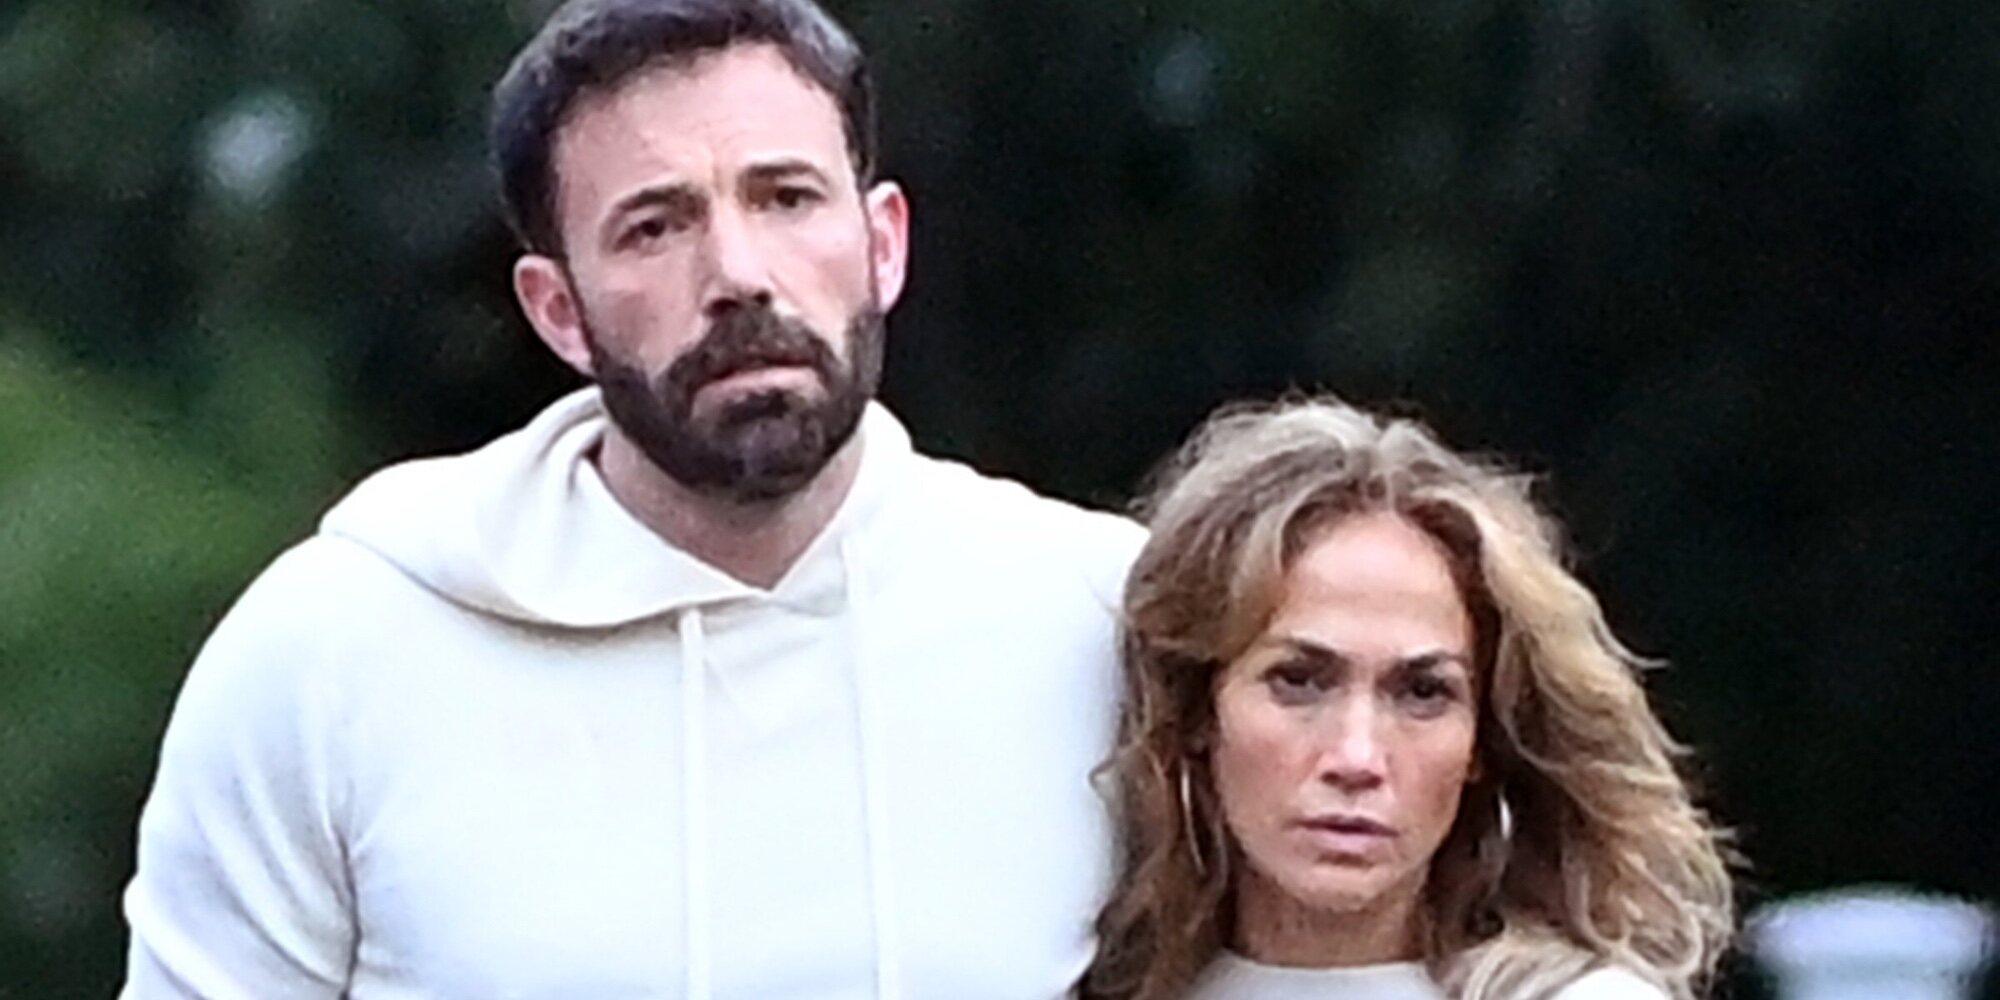 El besazo de Jennifer Lopez y Ben Affleck: pura pasión en la pareja